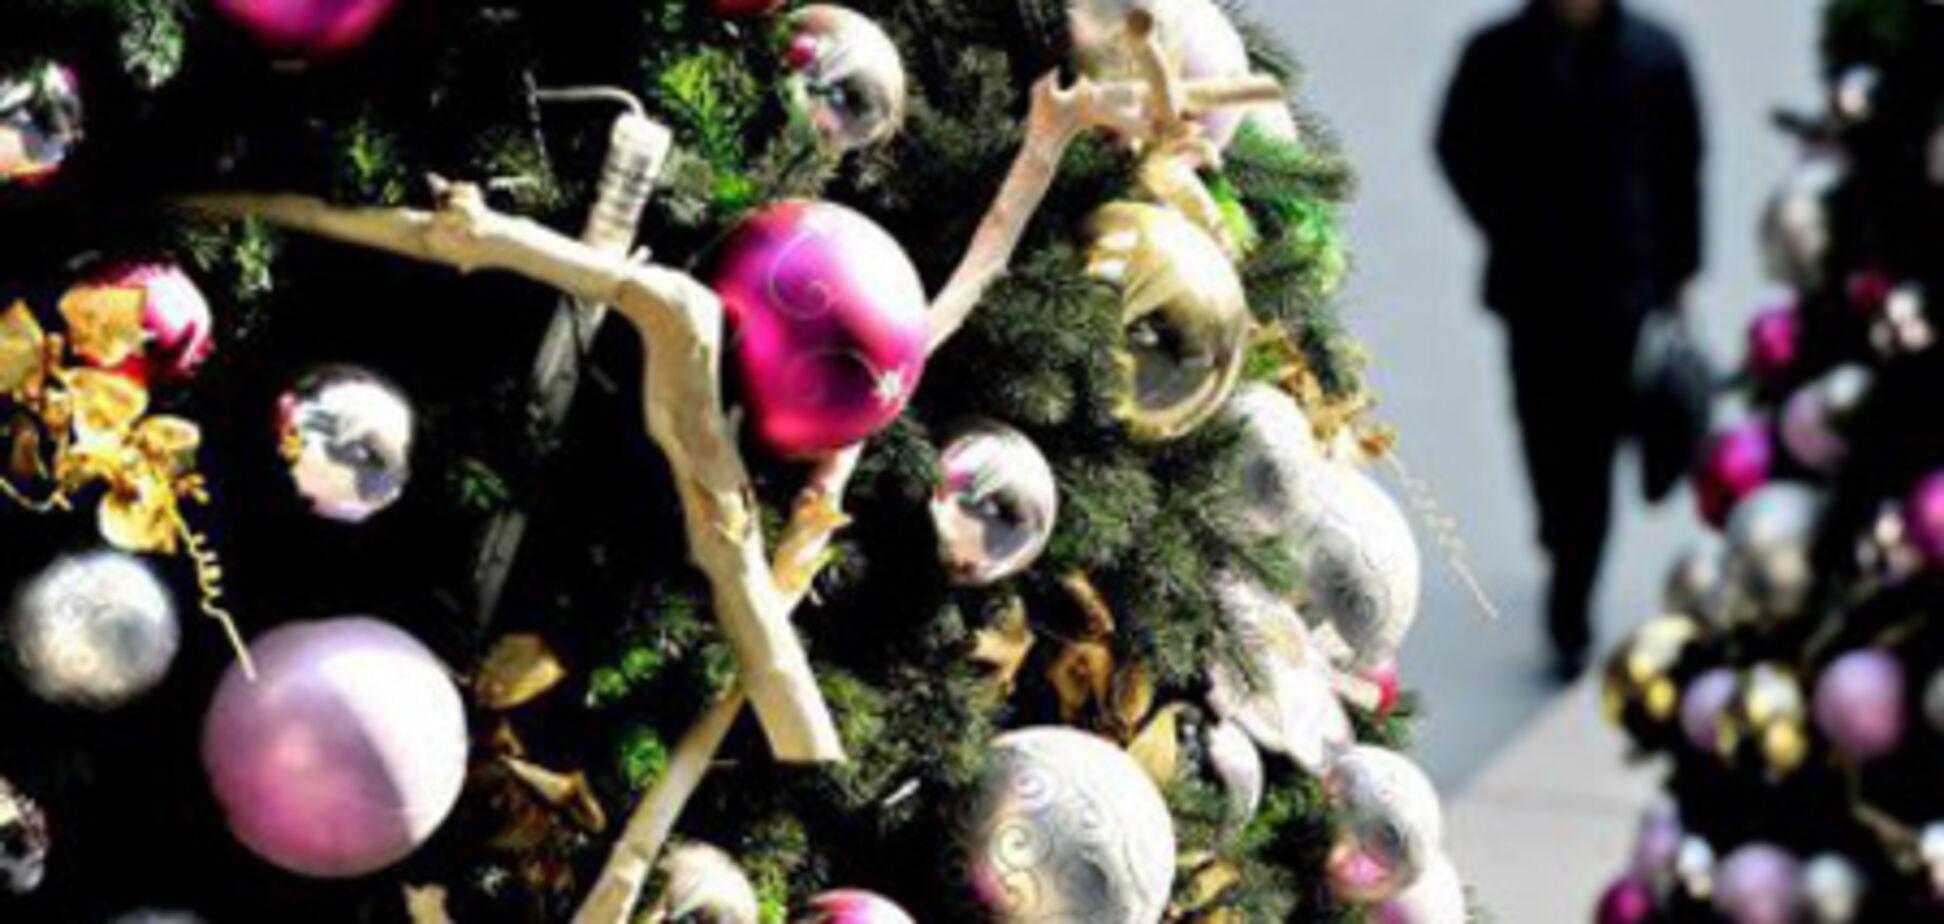 Пьяная россиянка украла с площади новогоднюю елку